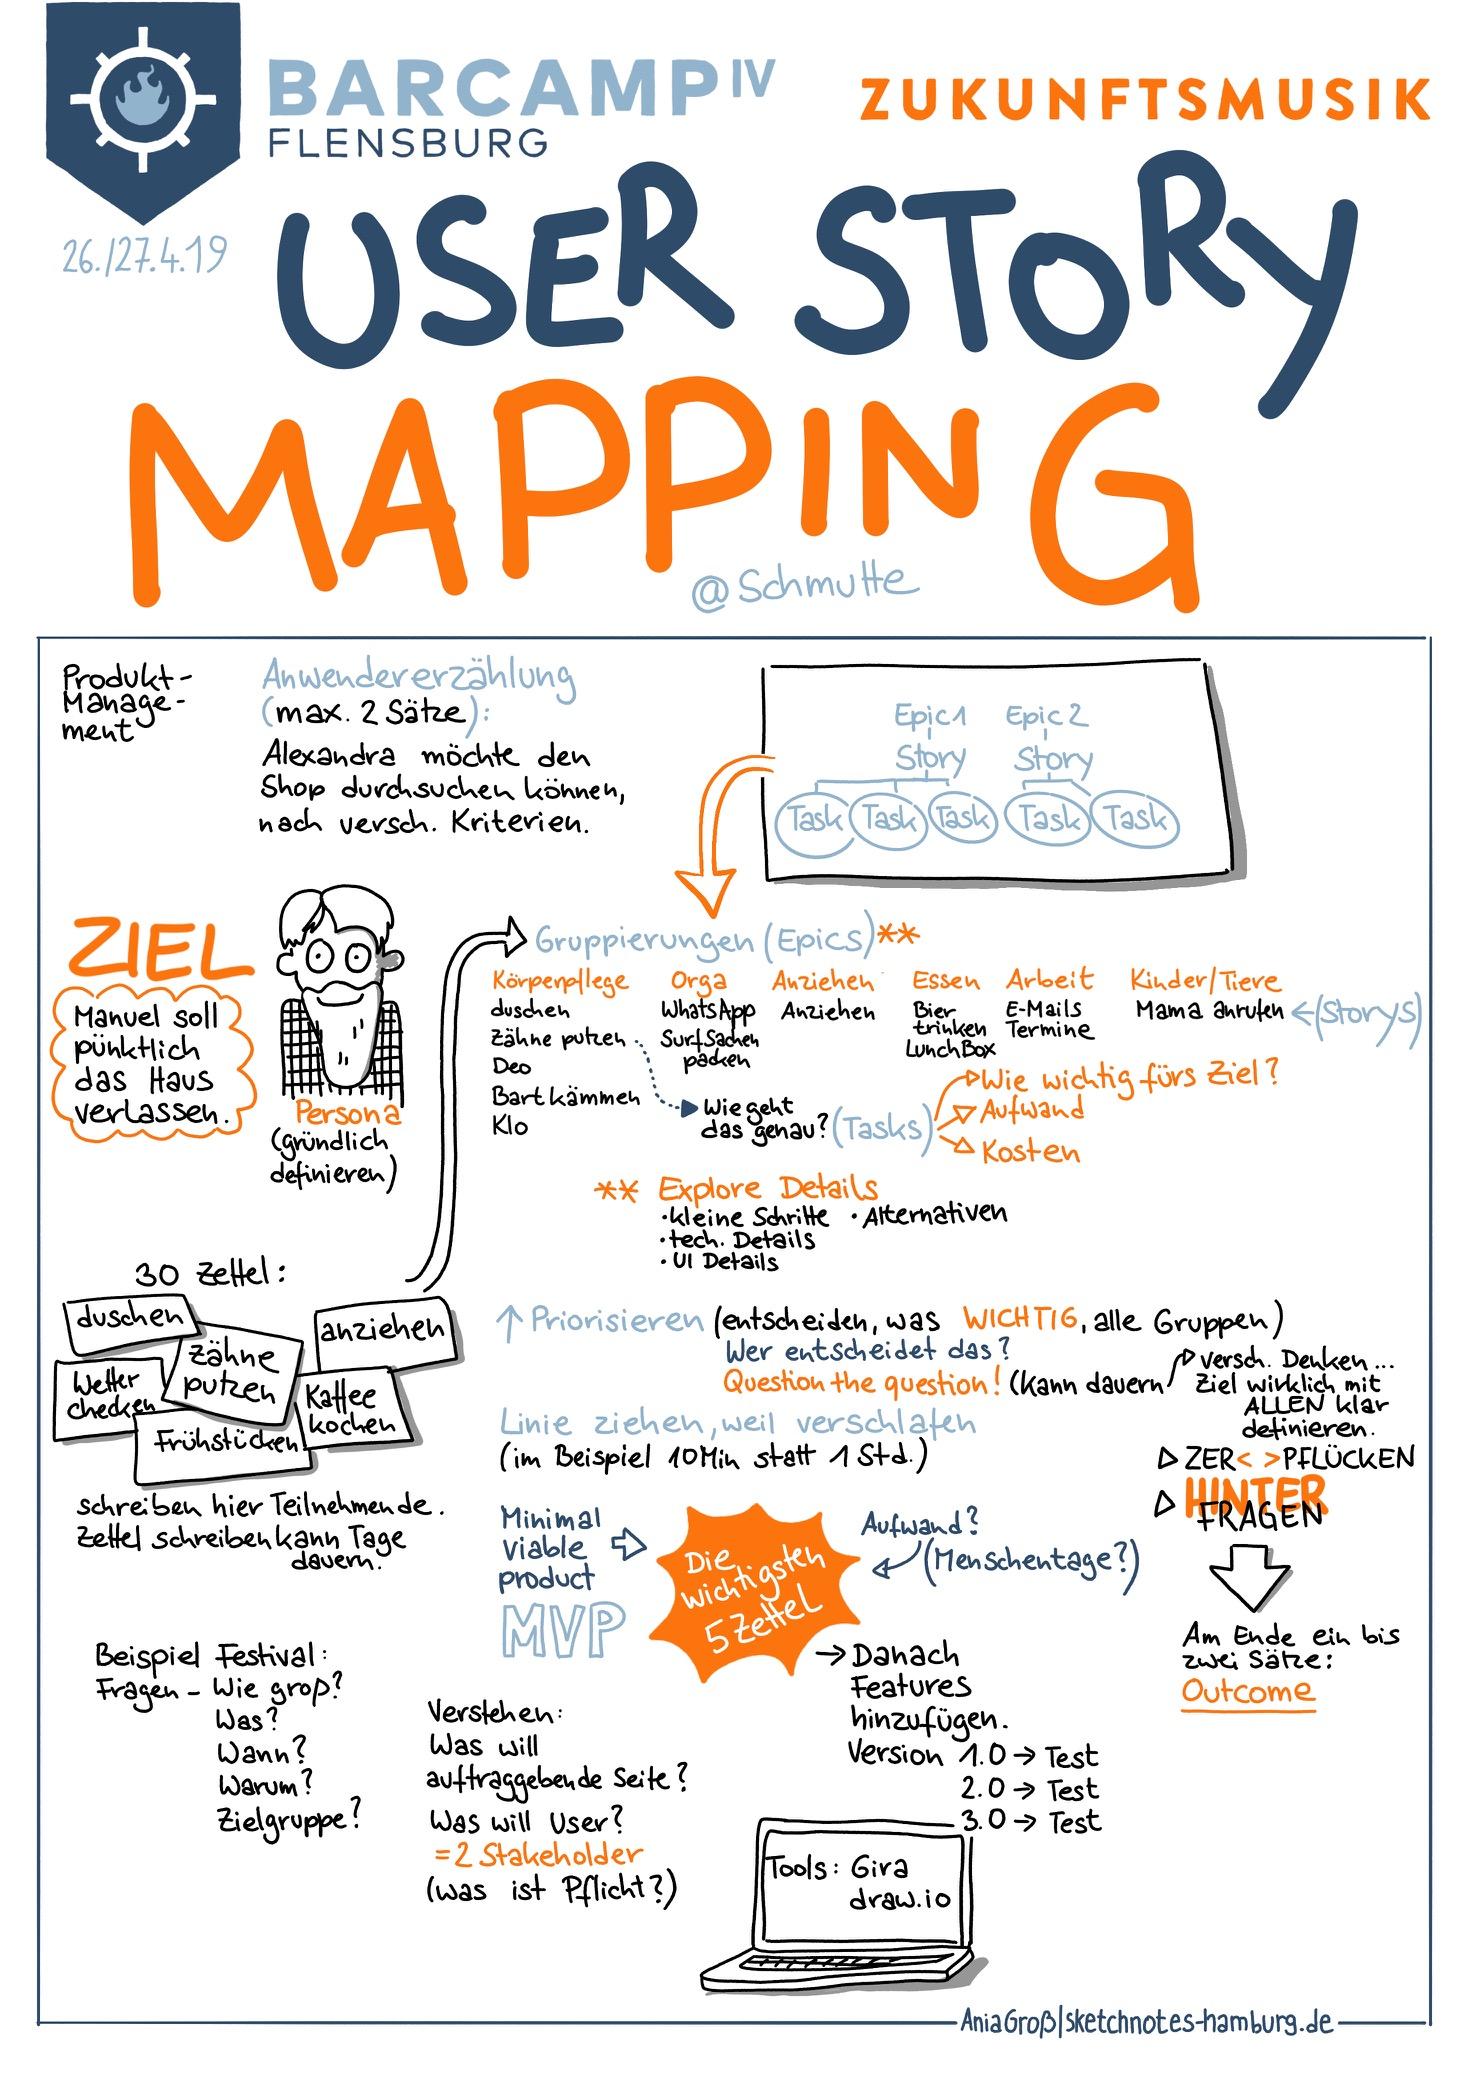 Es ging um Produktmanagement und die Anwender*innen-Erzählung. Und wie man die Essens erarbeitet. Sketchnotes: © Ania Groß